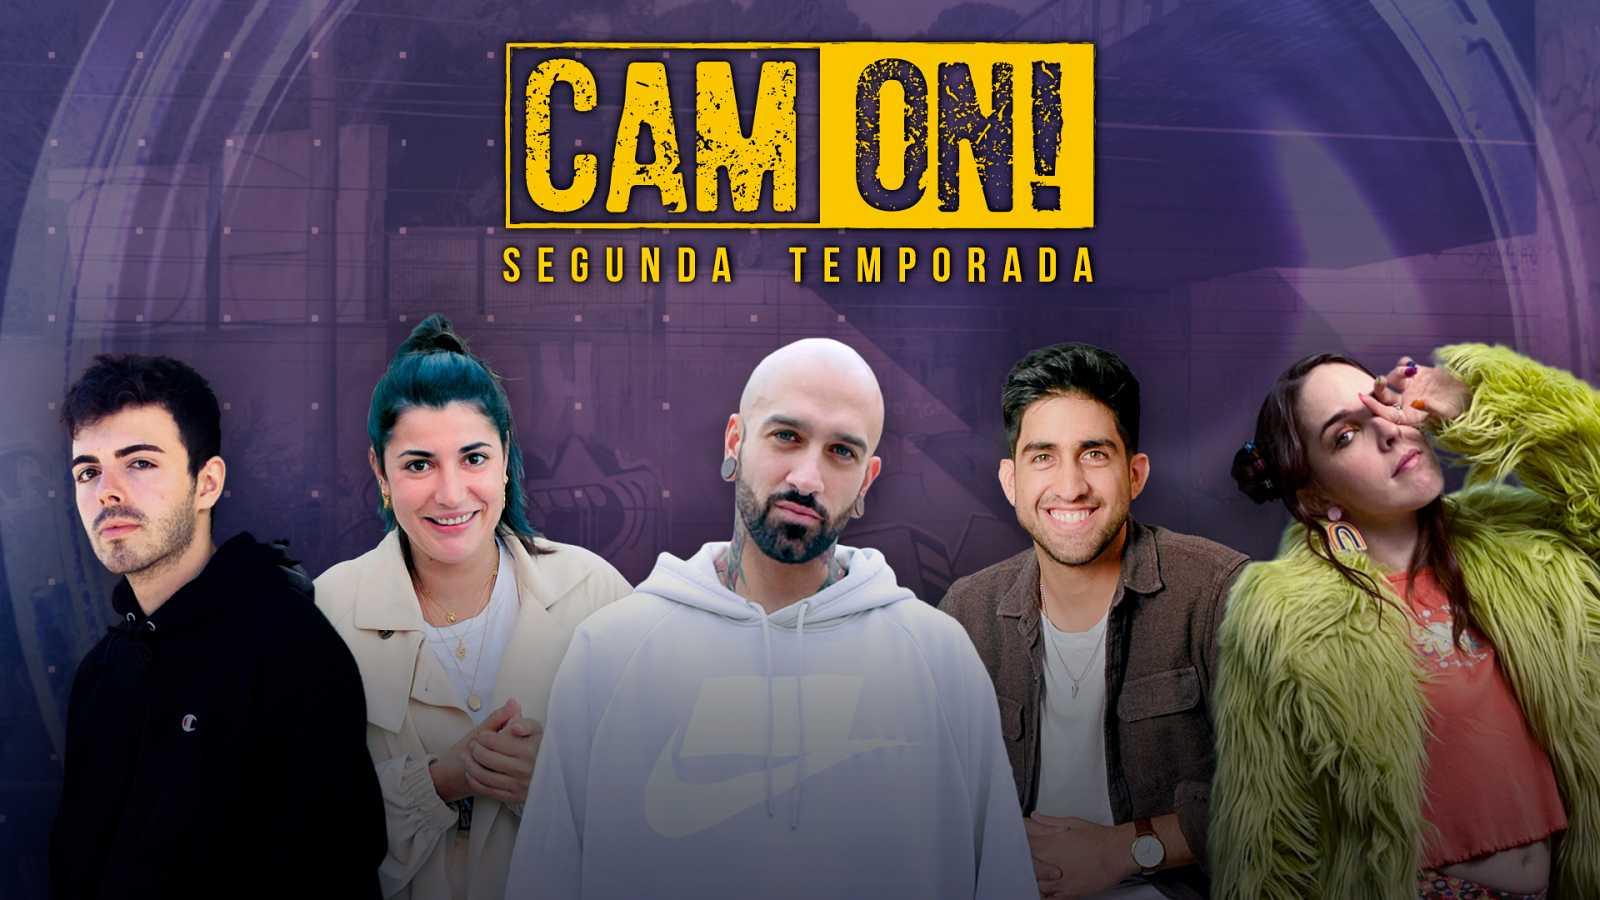 La segunda temporada de 'Cam On' vuelve el 24 de febrero. ¡Mira ya el tráiler!